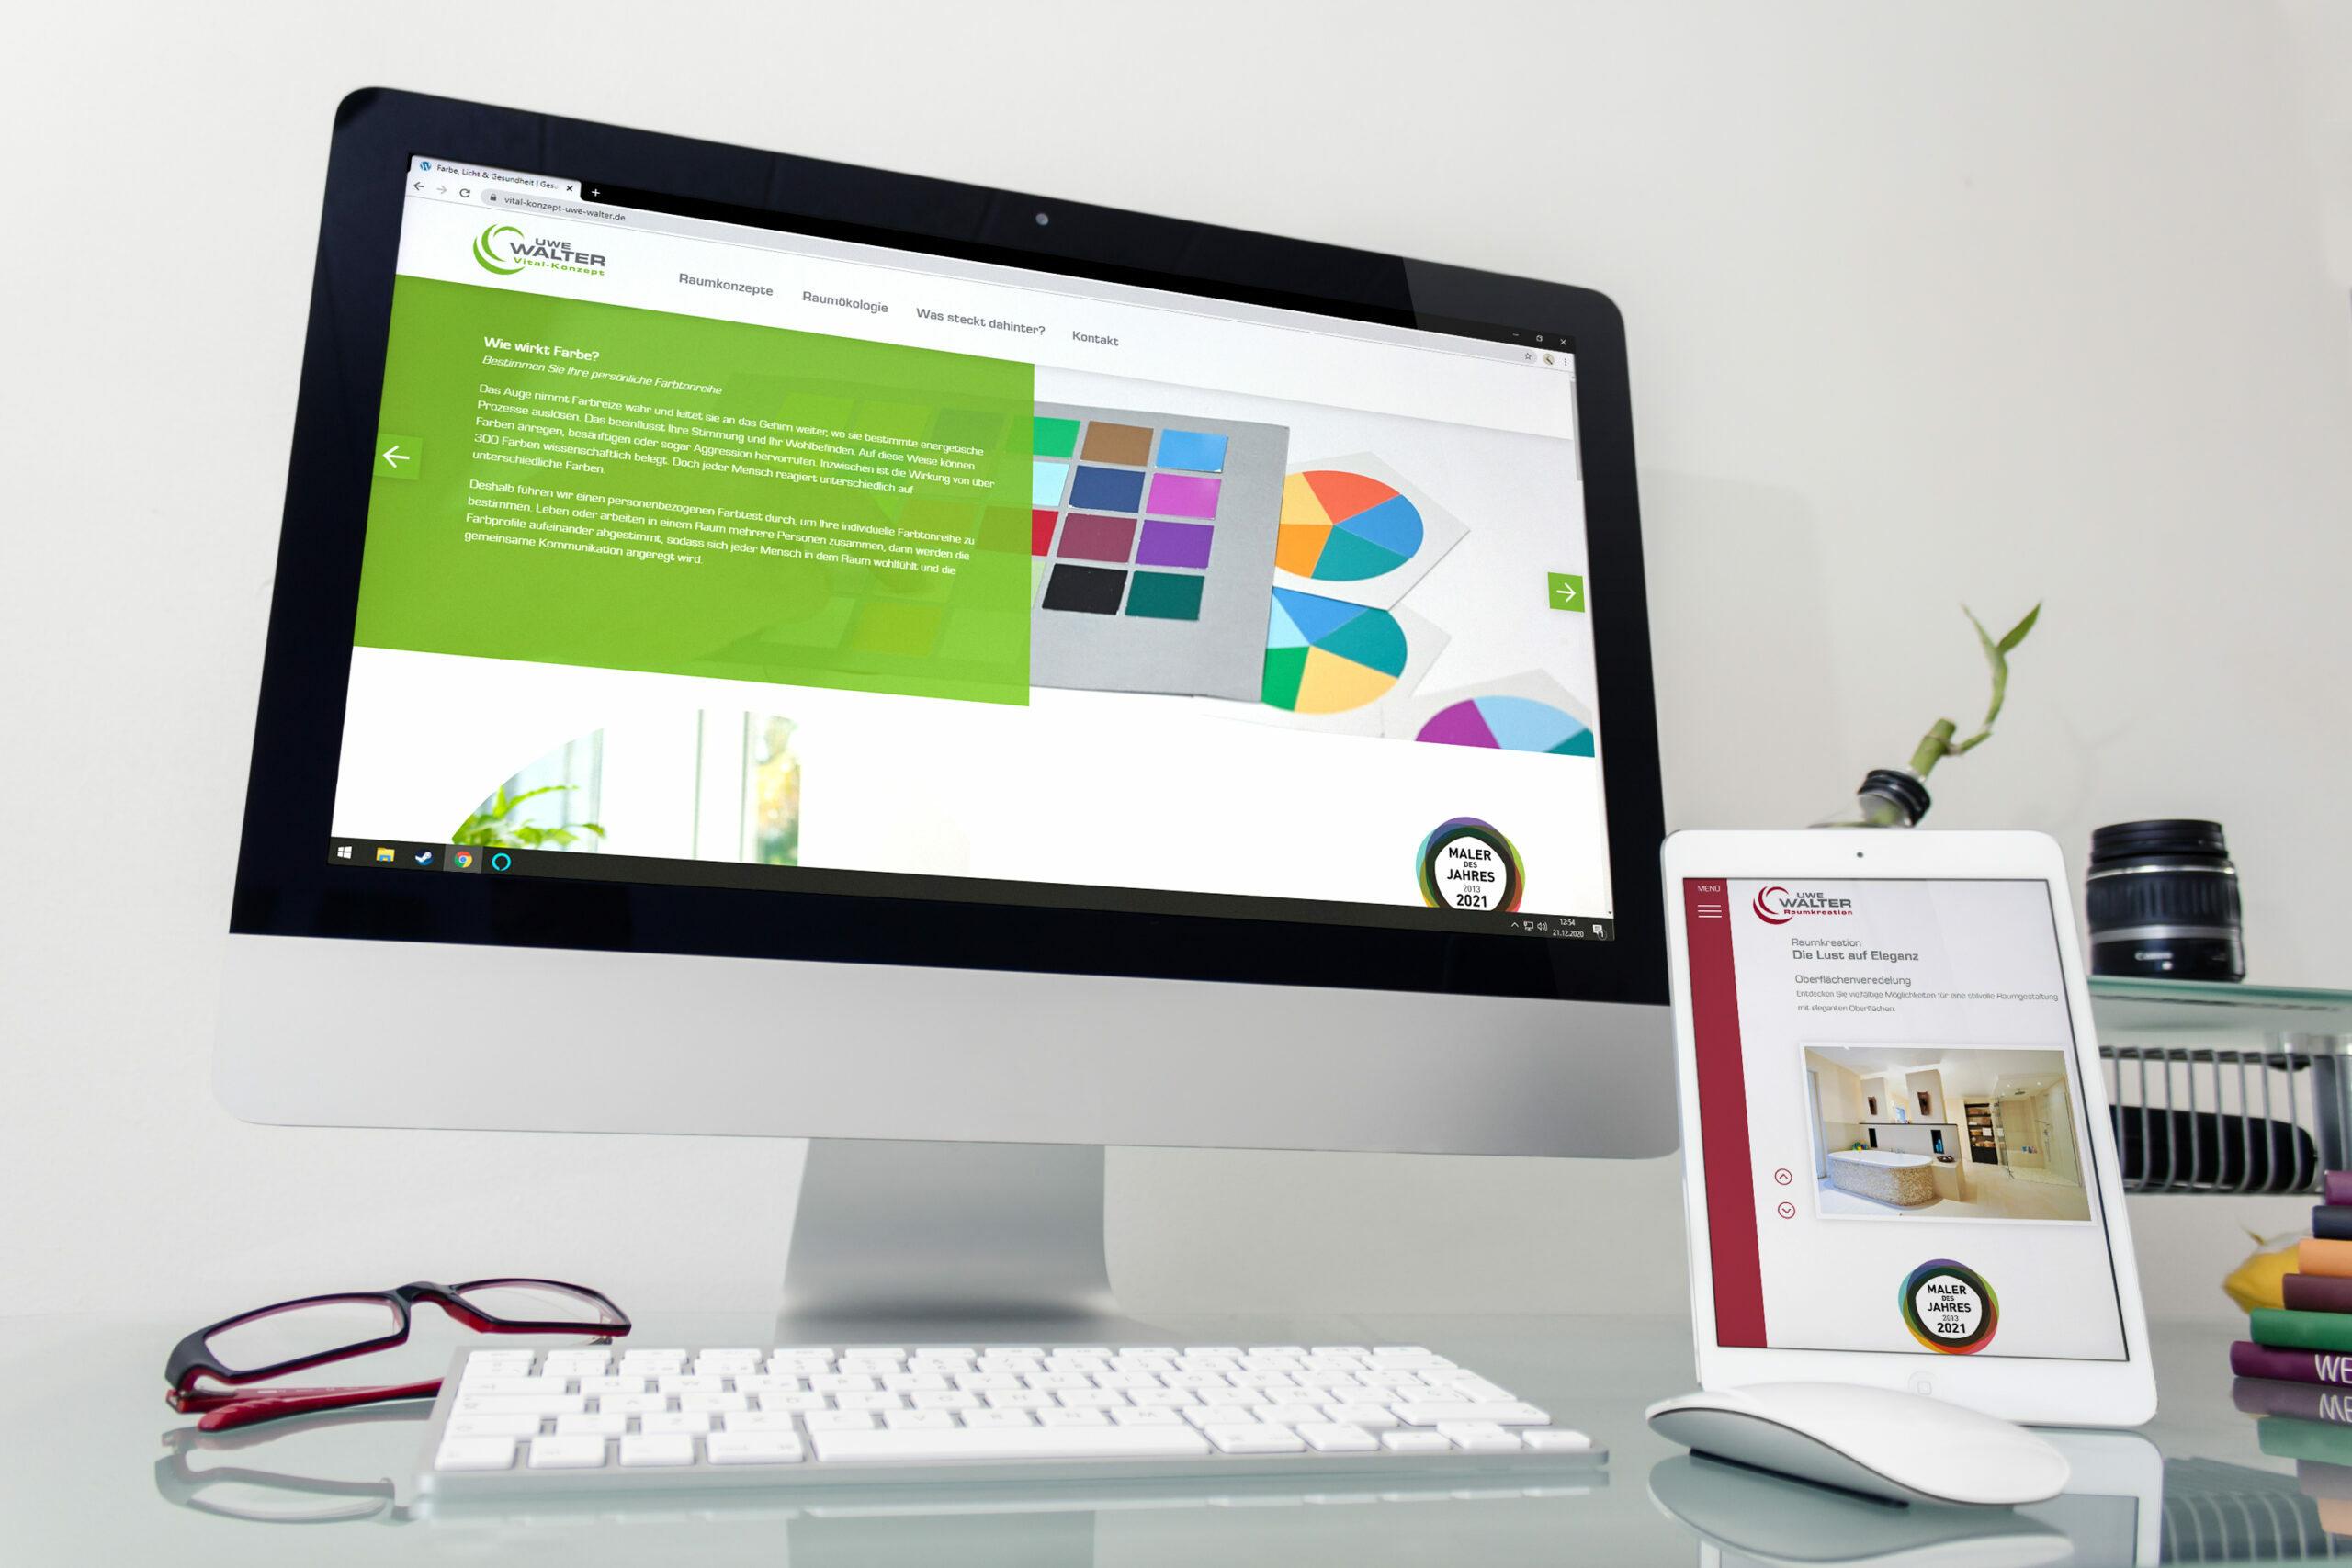 Nach dem Website Relaunch haben auch Raumkreation und Vital-Konzept ihre eigenen Websites.